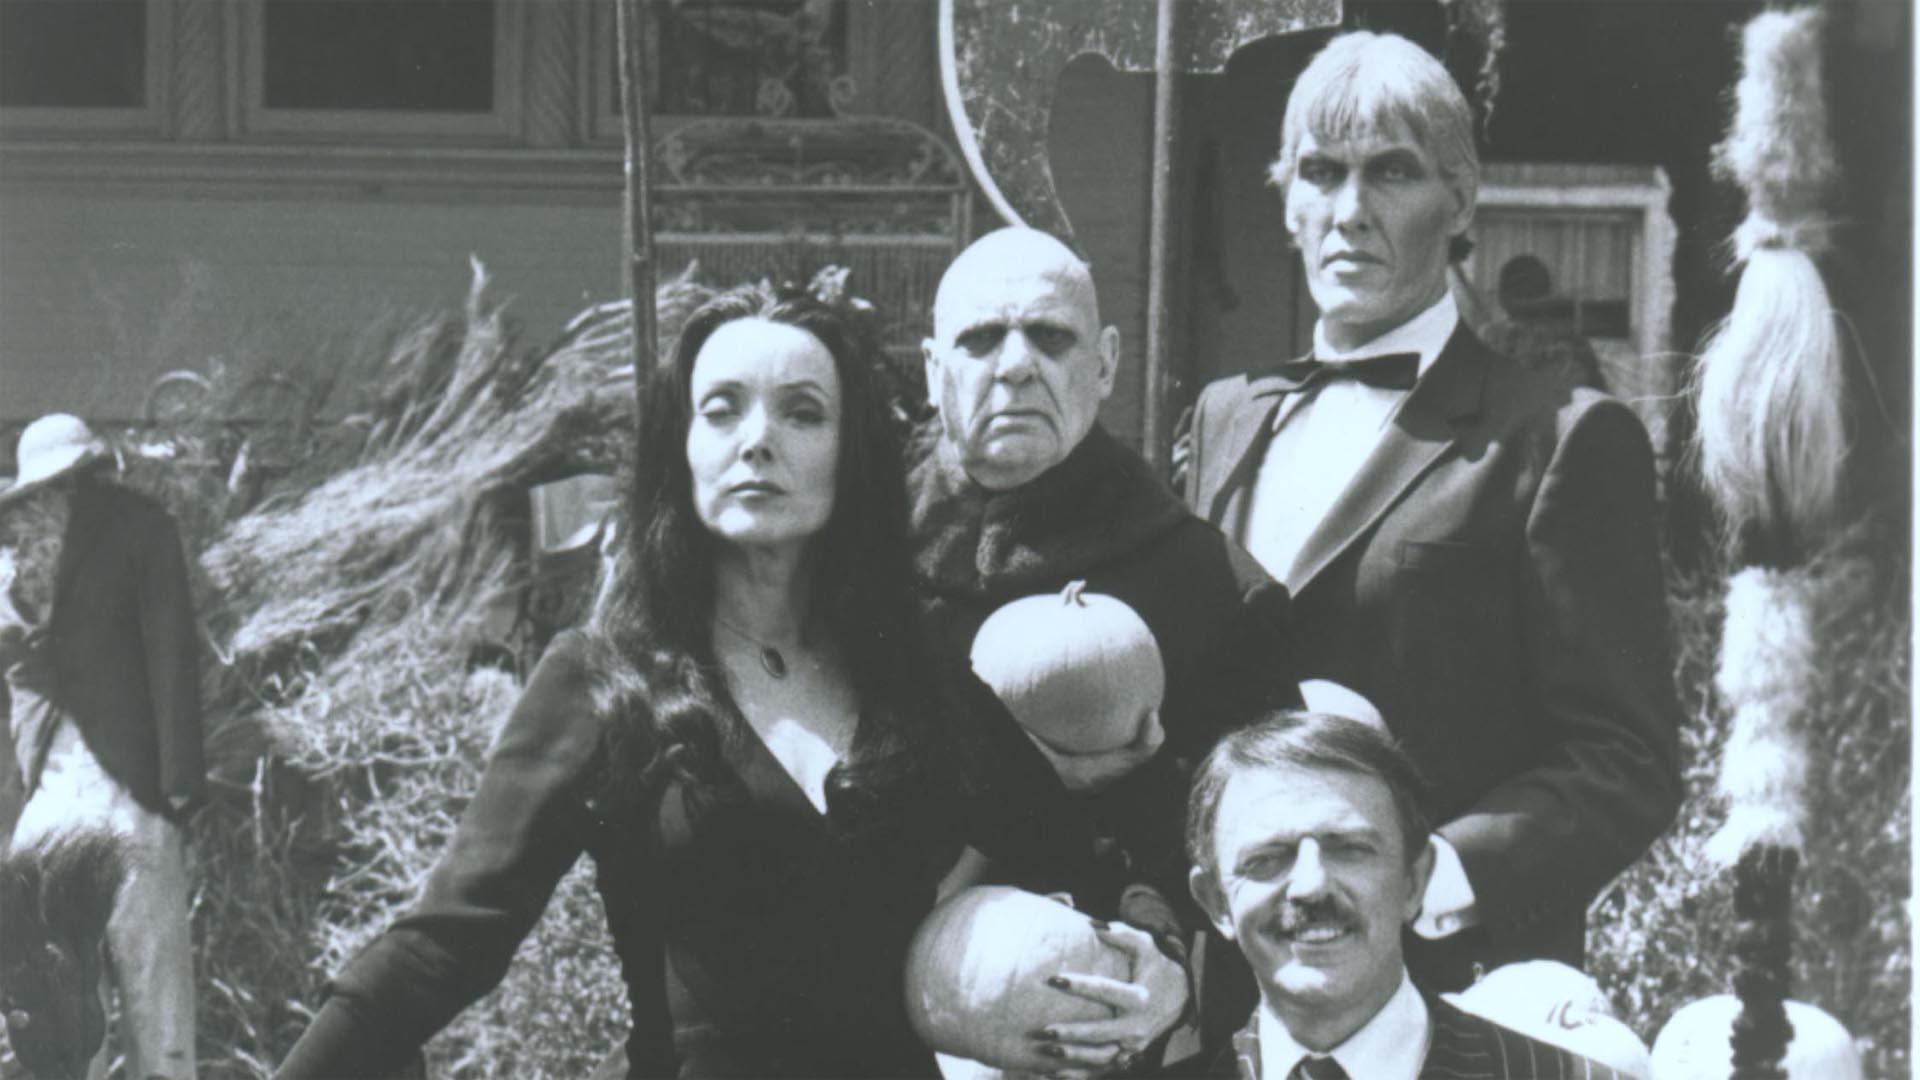 Los Locos Addams La Historia Detras De Una Familia Muy Normal Y Las Mujeres Que Pudieron Haber Sido Morticia En La Vida De Su Creador Infobae